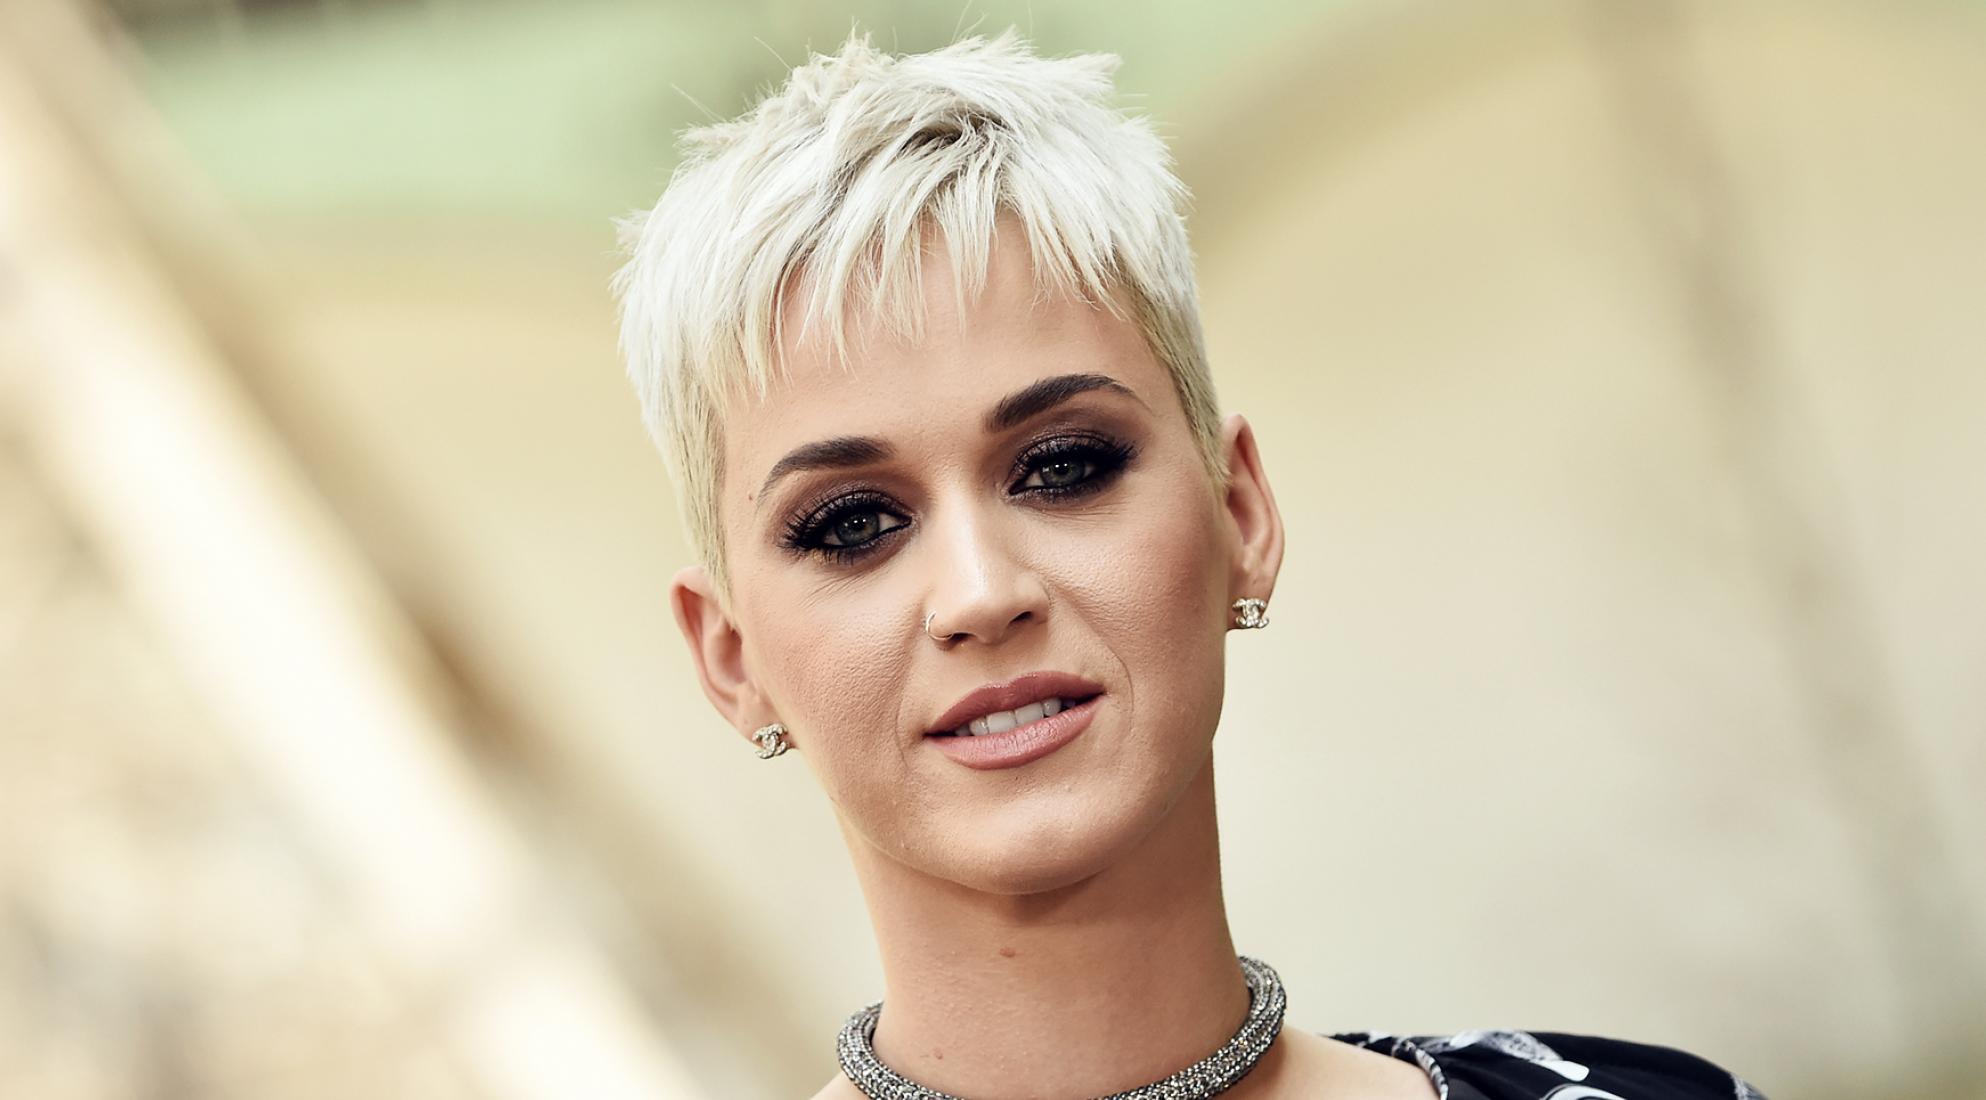 متن و ترجمه آهنگ های کتی پری - Katy Perry